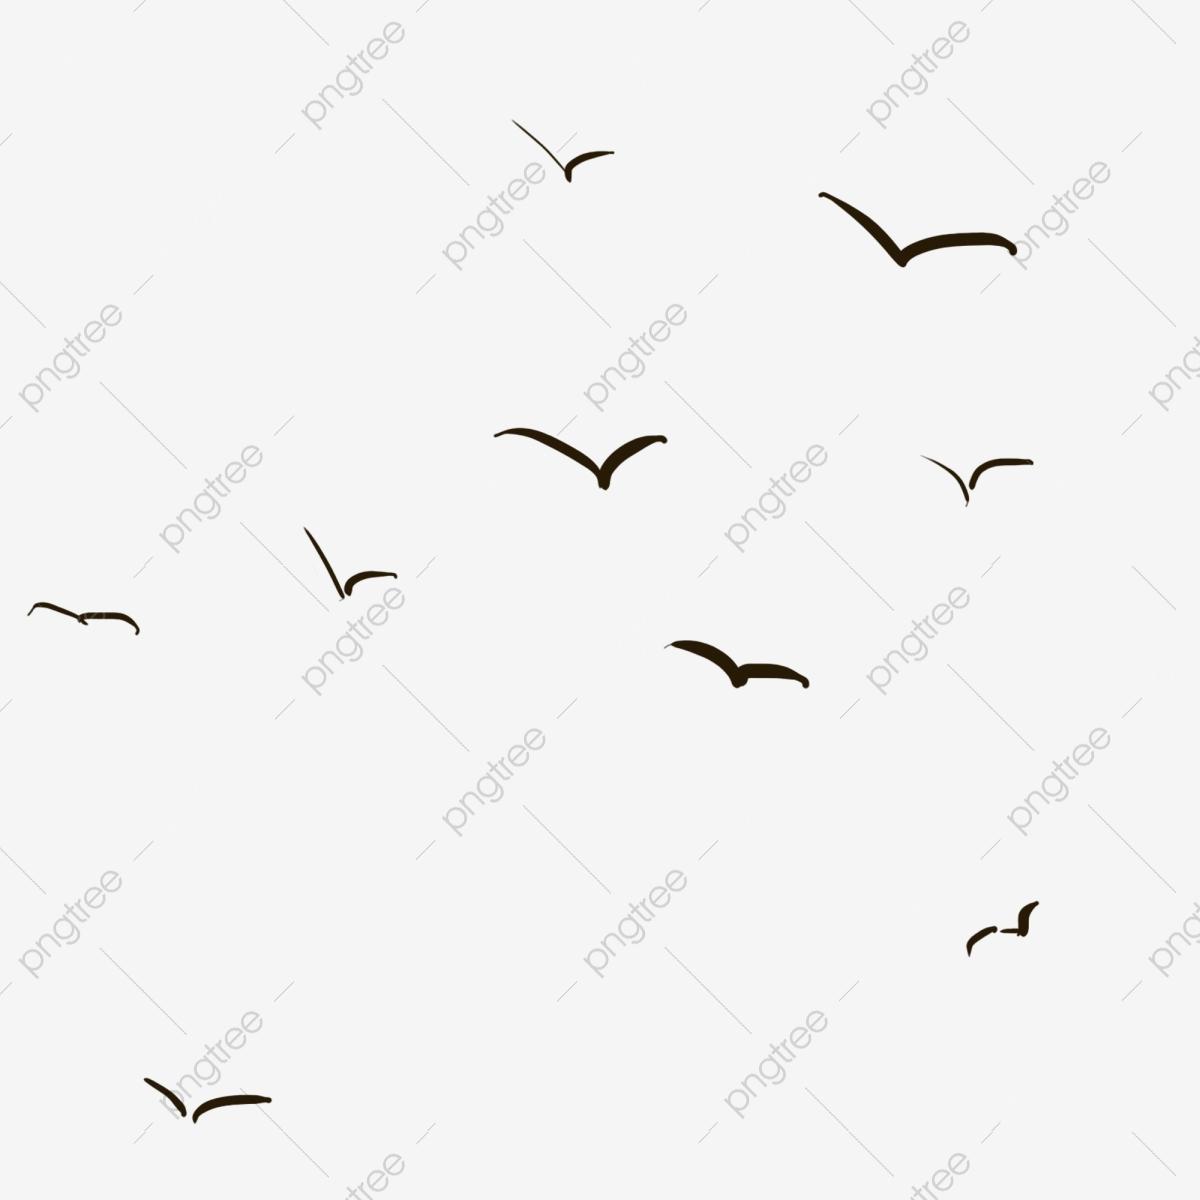 السماء وحلقت وارتفاع الطيور سماء تحلق ارتفاع Png وملف Psd للتحميل مجانا